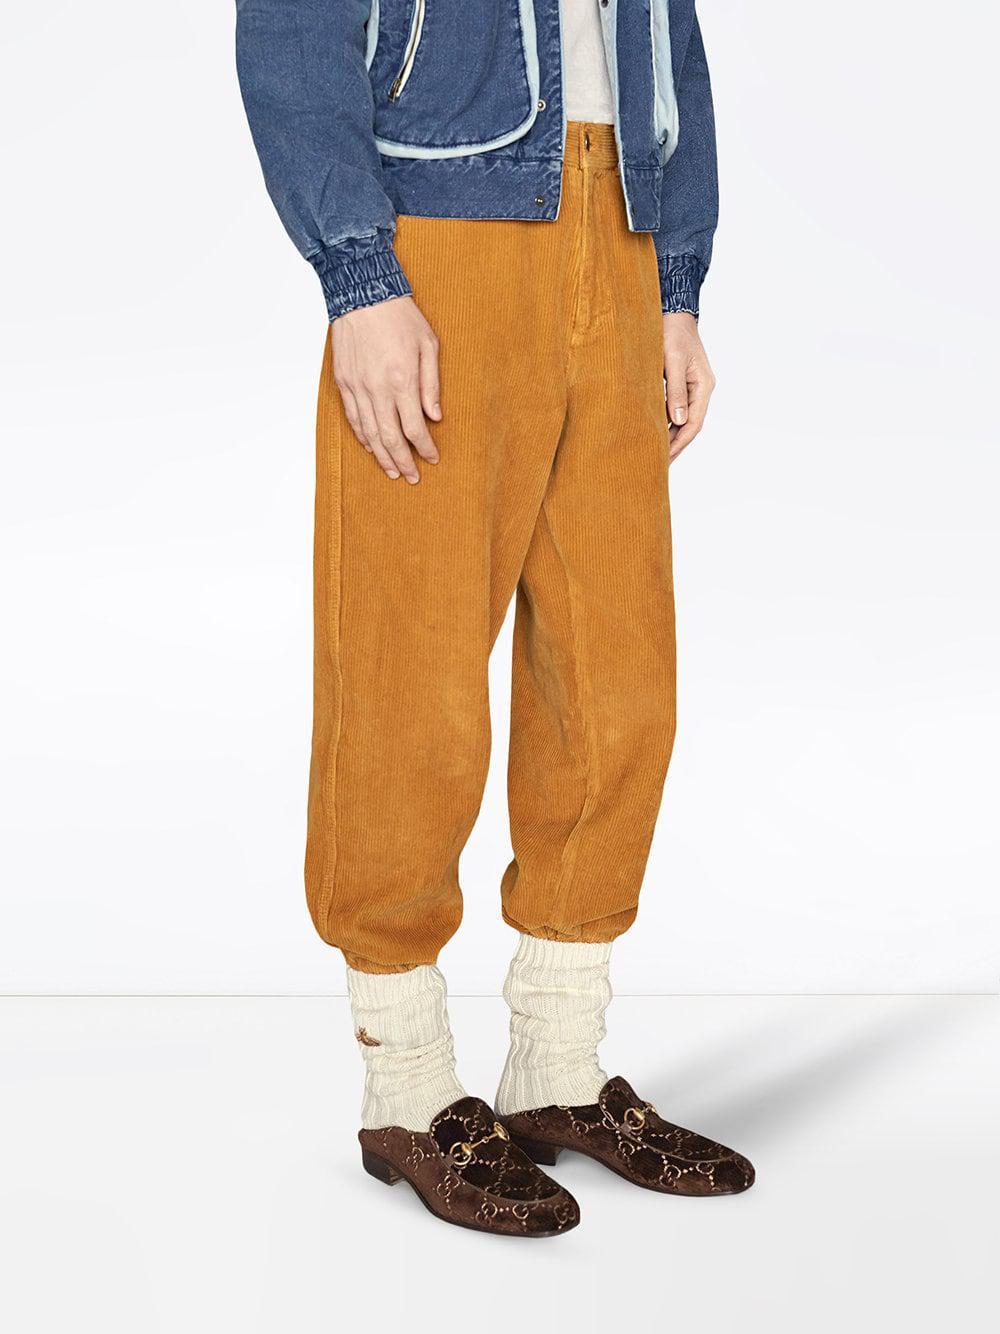 c6cde4145cd Lyst - Gucci Horsebit GG Velvet Loafer in Brown for Men